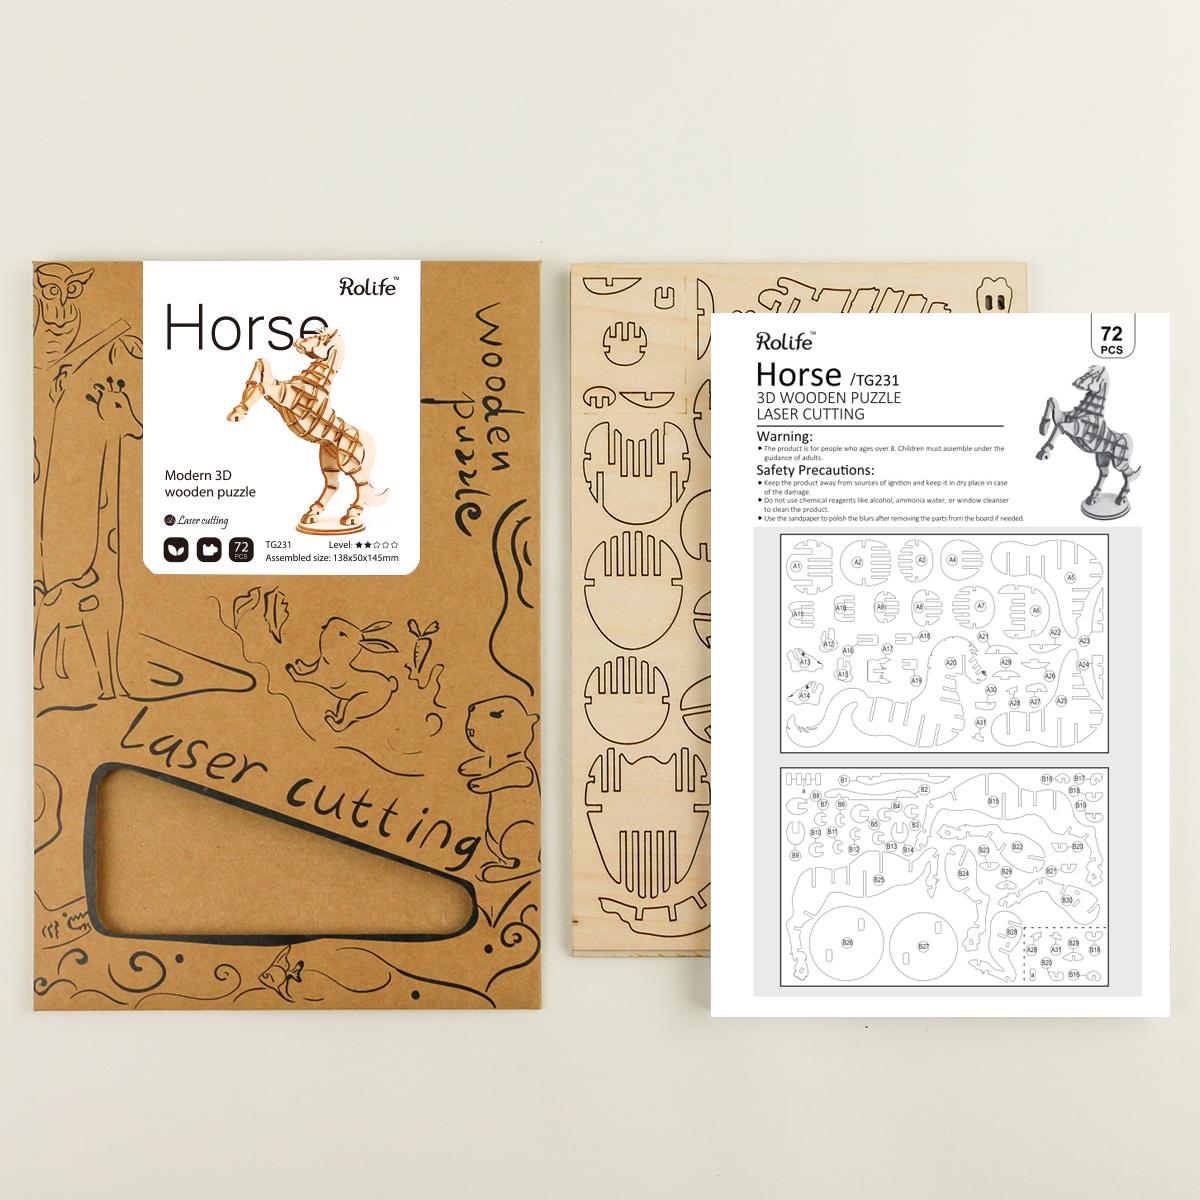 Horse TG231